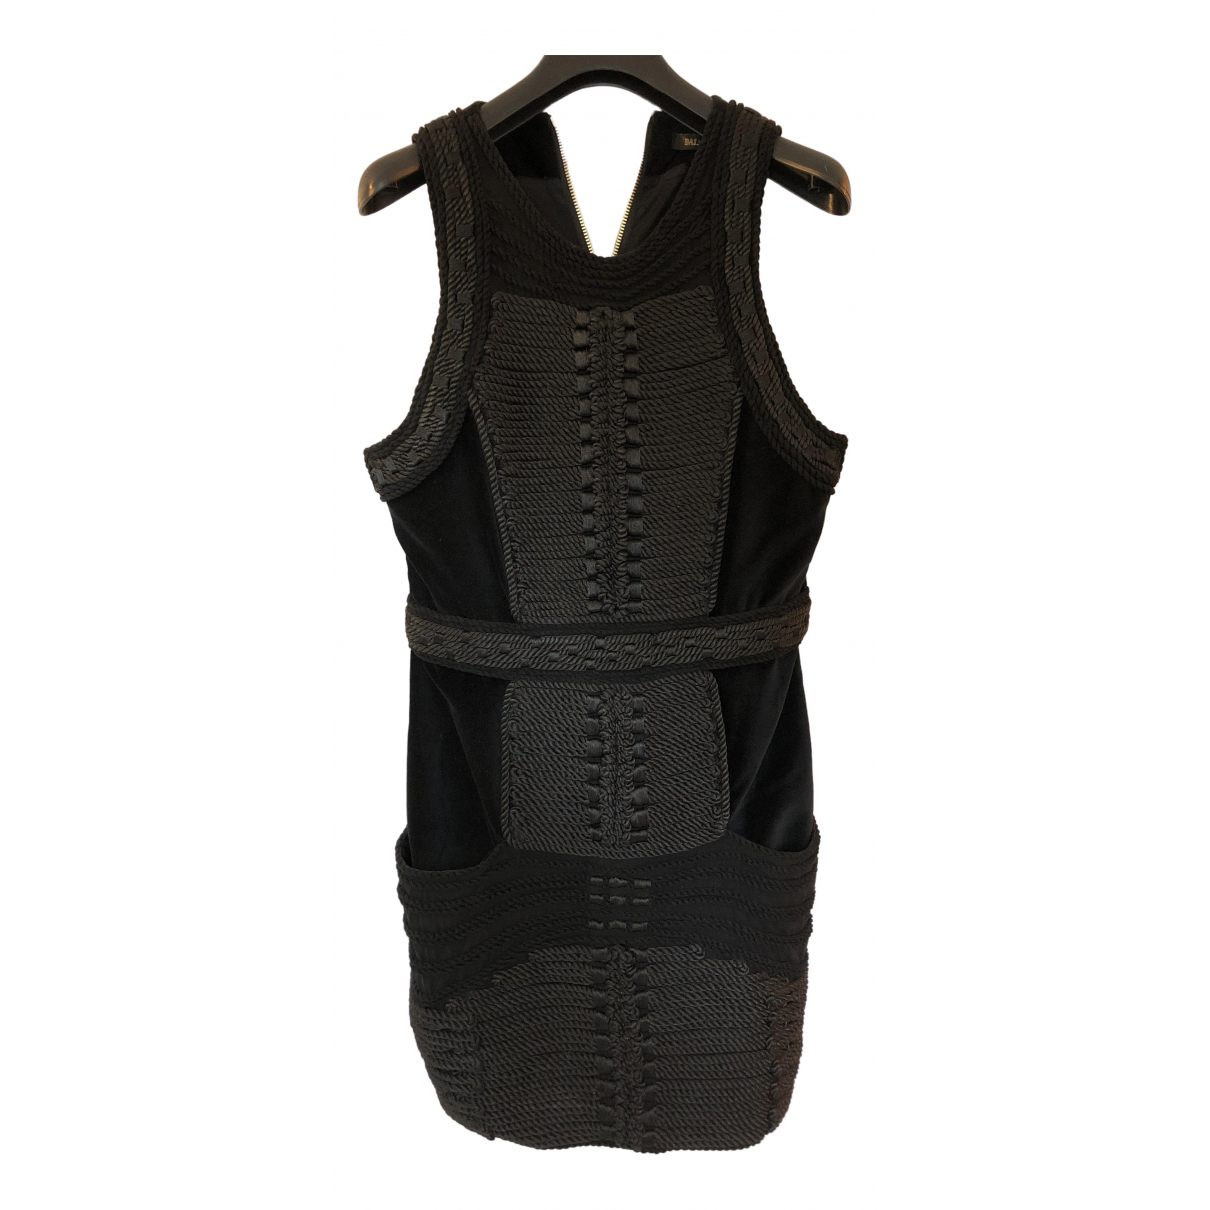 Mini vestido de Terciopelo Balmain For H&m